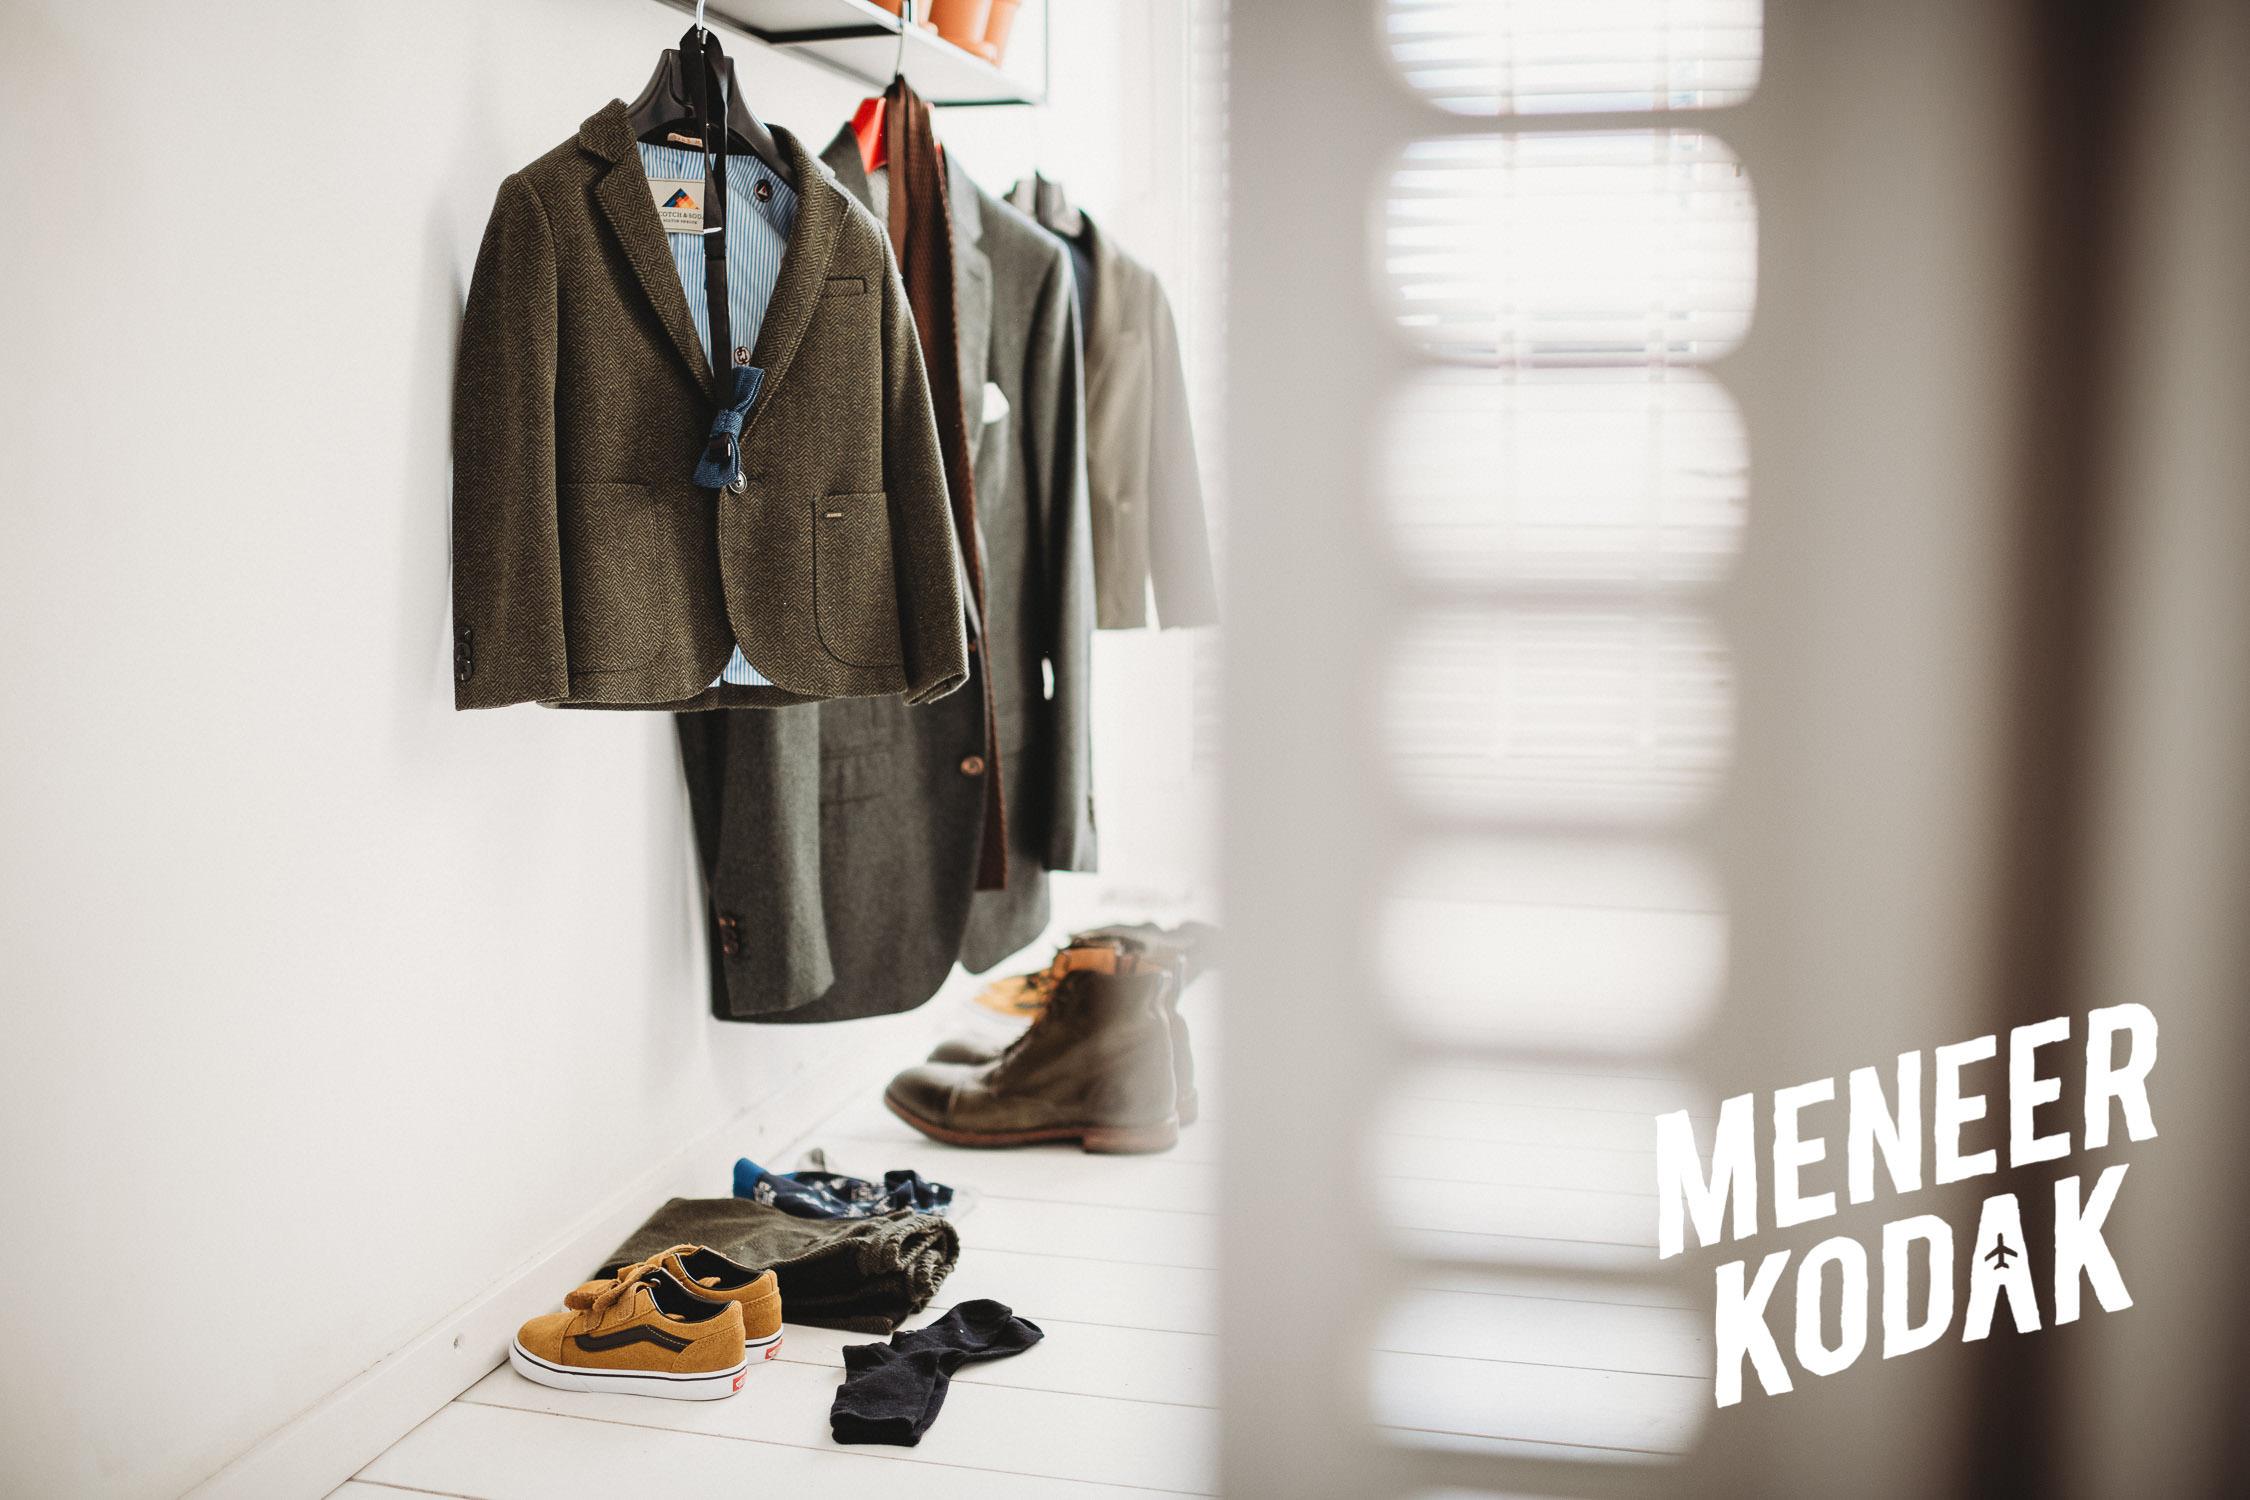 Meneer Kodak - Bruidsfotograaf - Breda - S&R-056.jpg